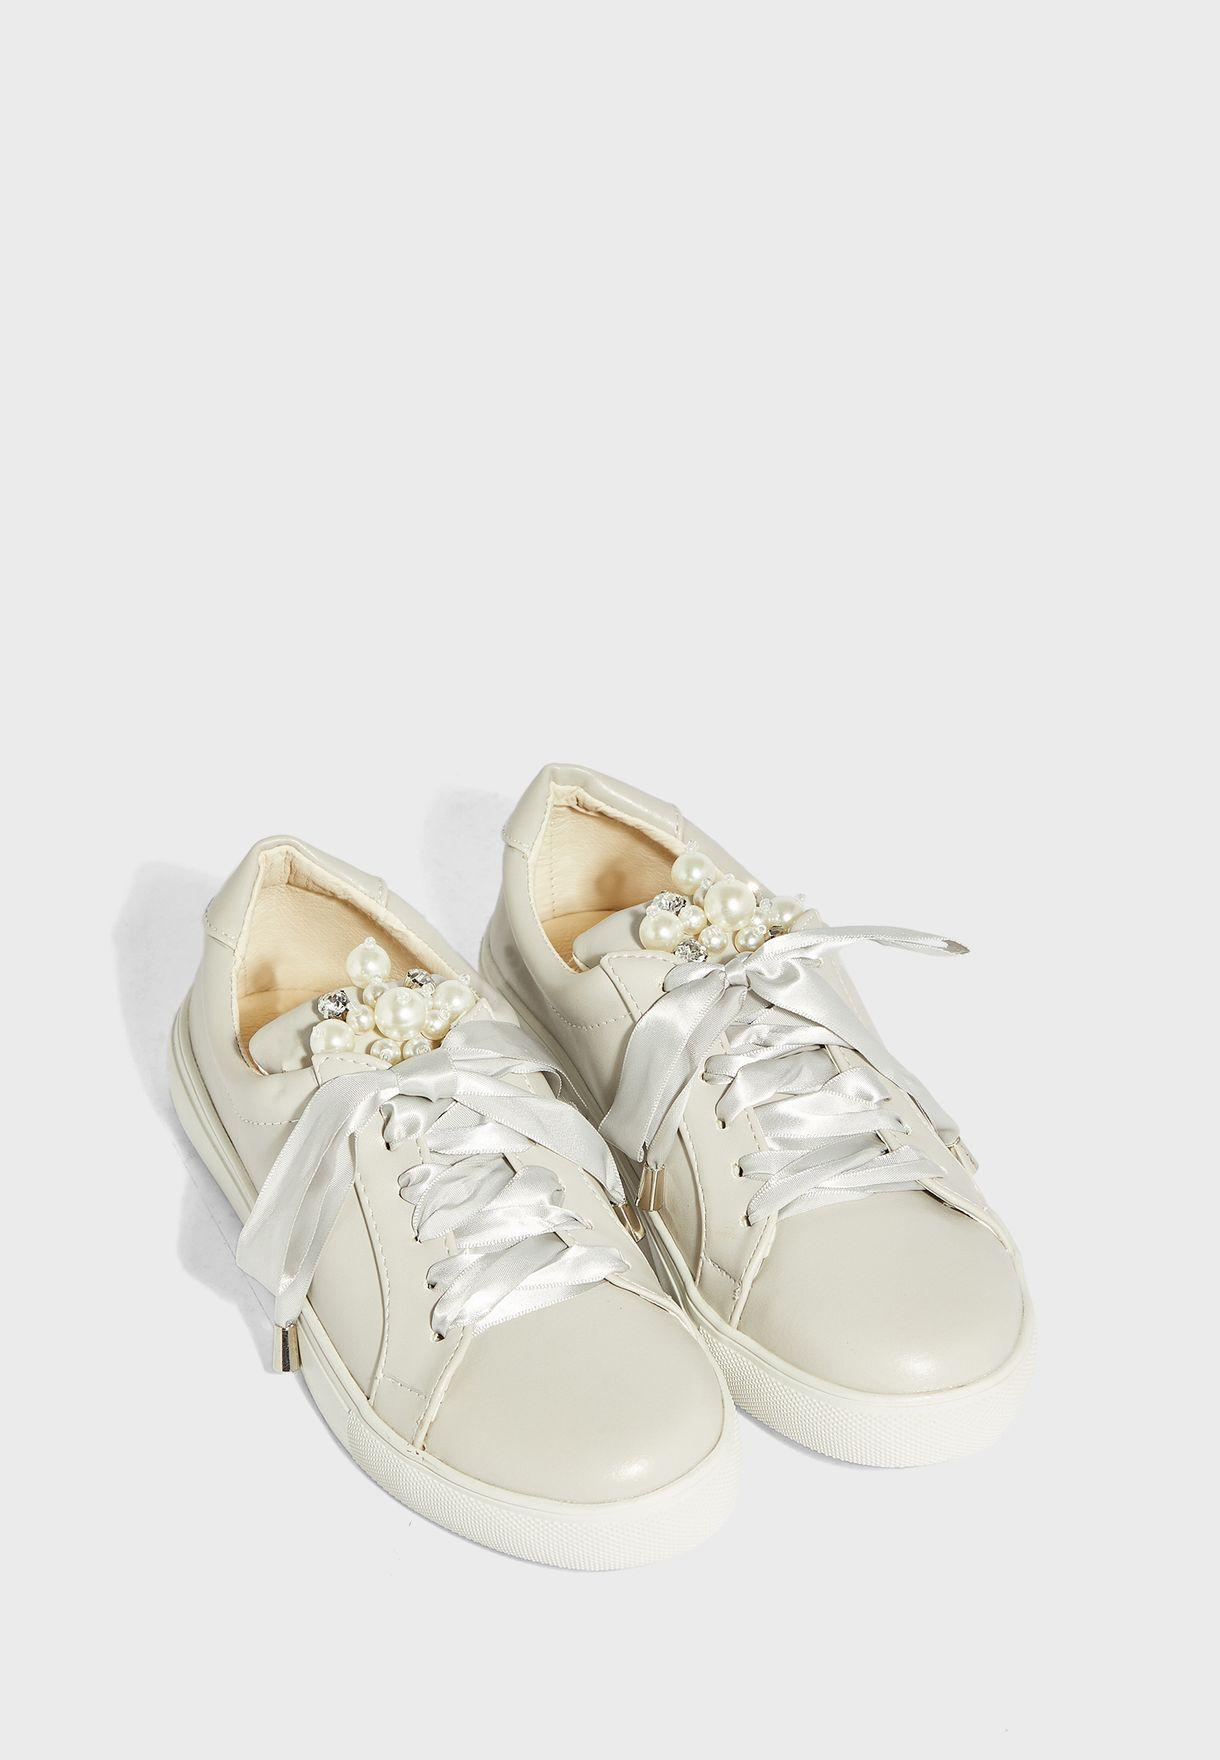 حذاء سنيكرز مزين باللؤلؤ